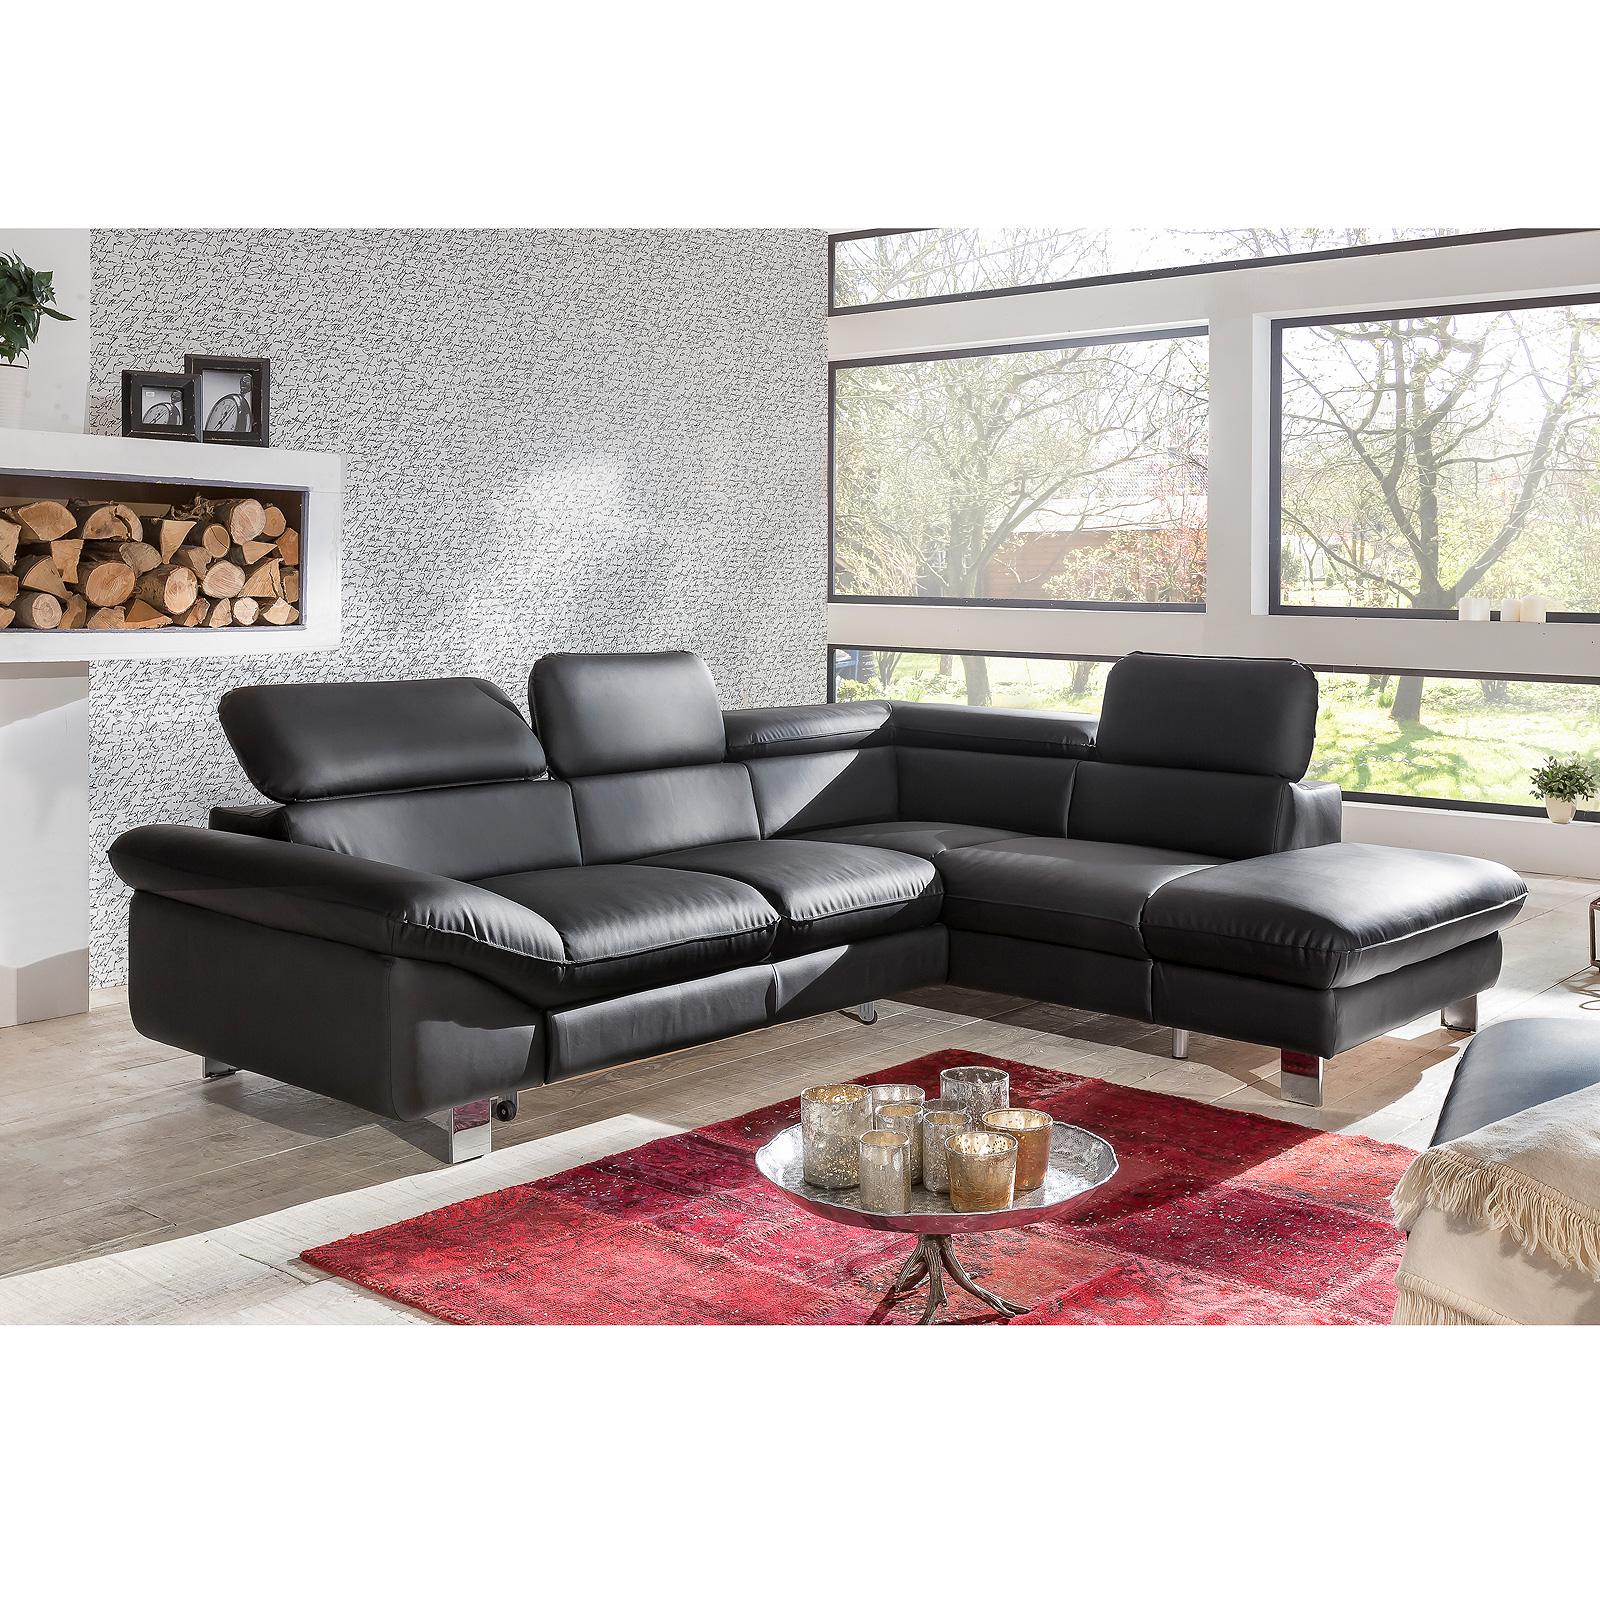 ja oder nein orakel Big Sofa Oder Wohnlandschaft